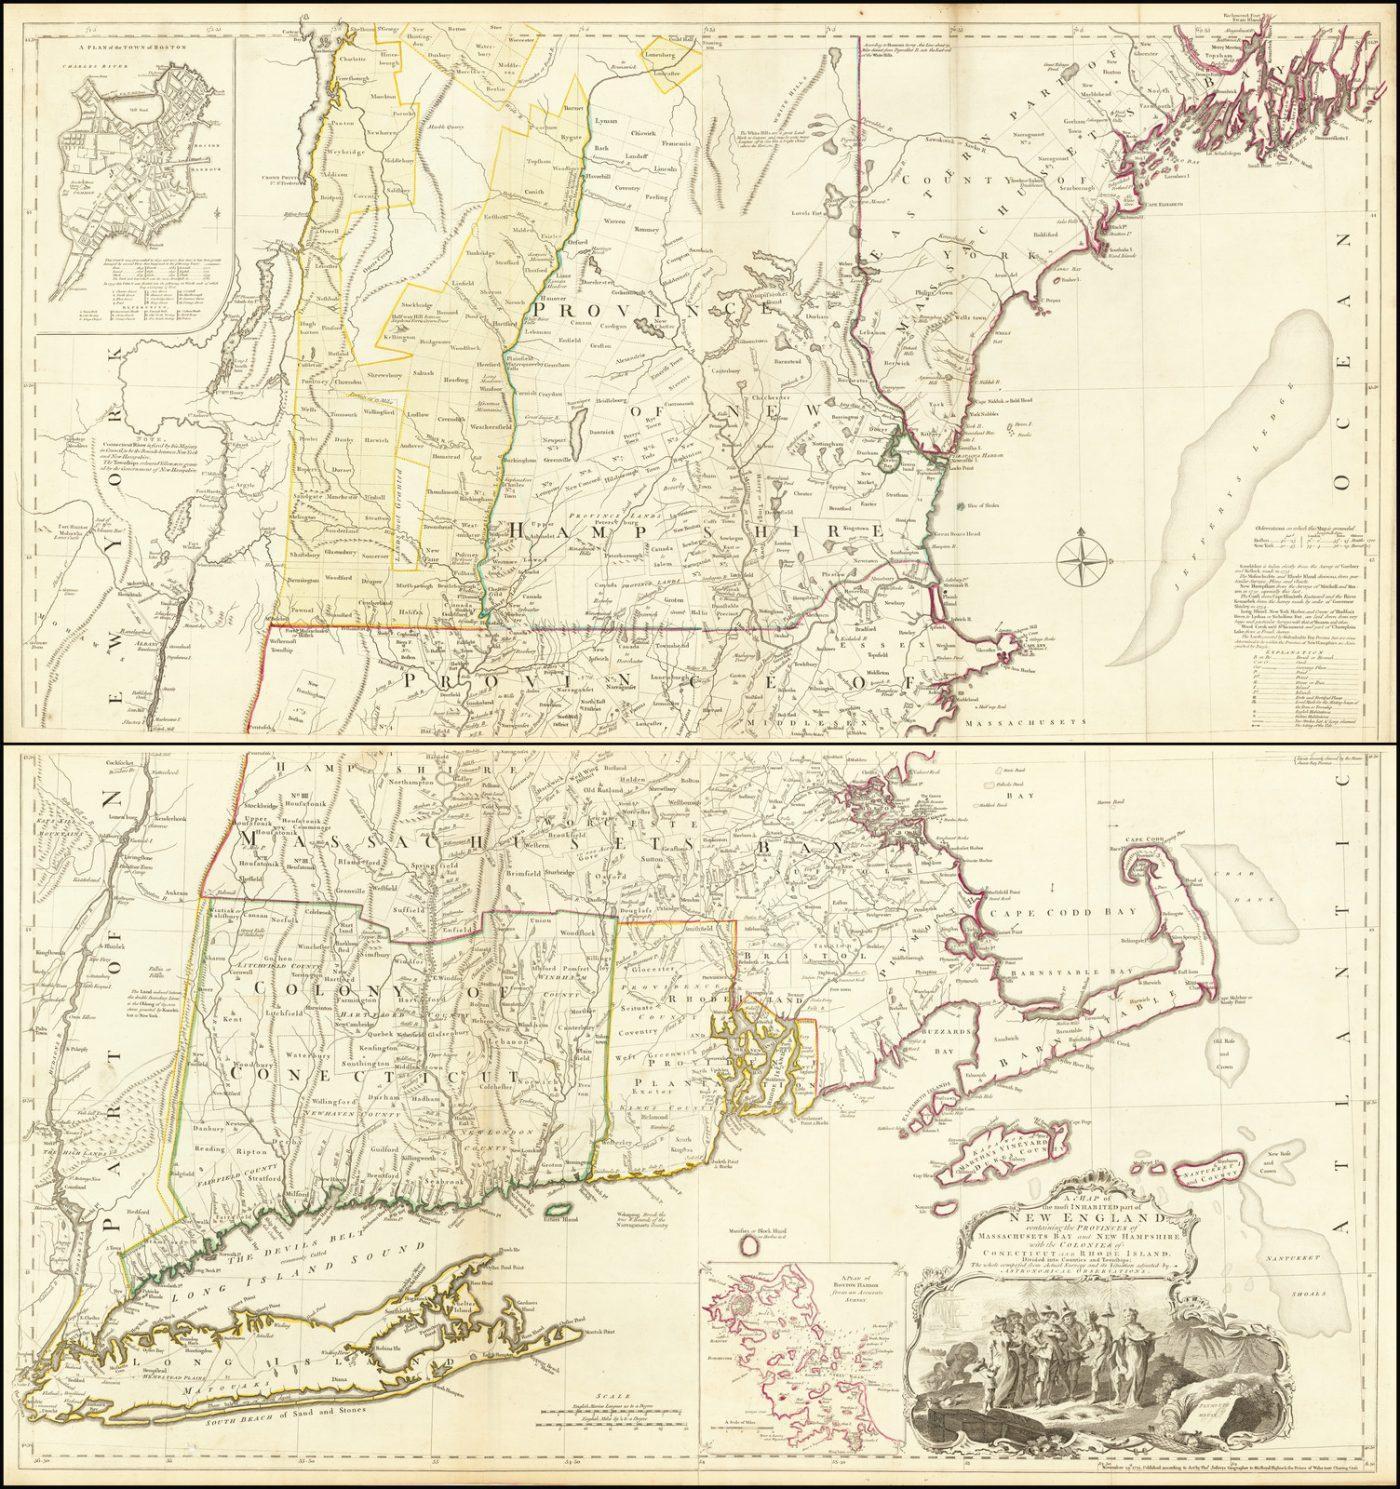 Старинная карта колониальной Новой Англии во времена американской революции